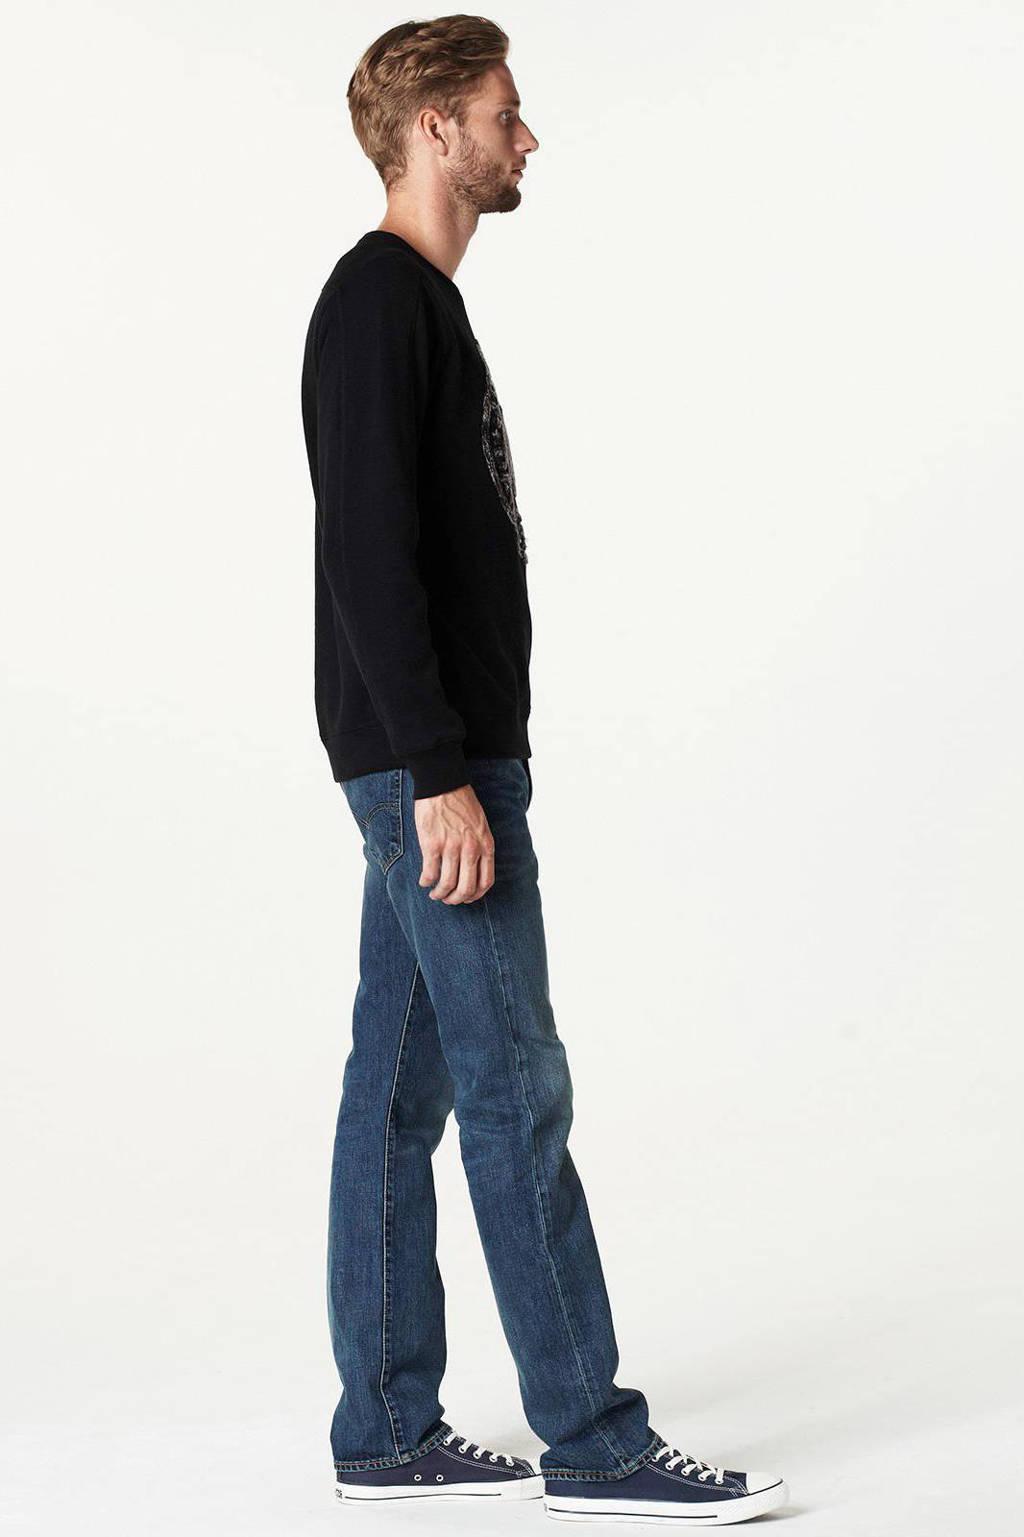 Levi's 501 regular fit jeans, Hook